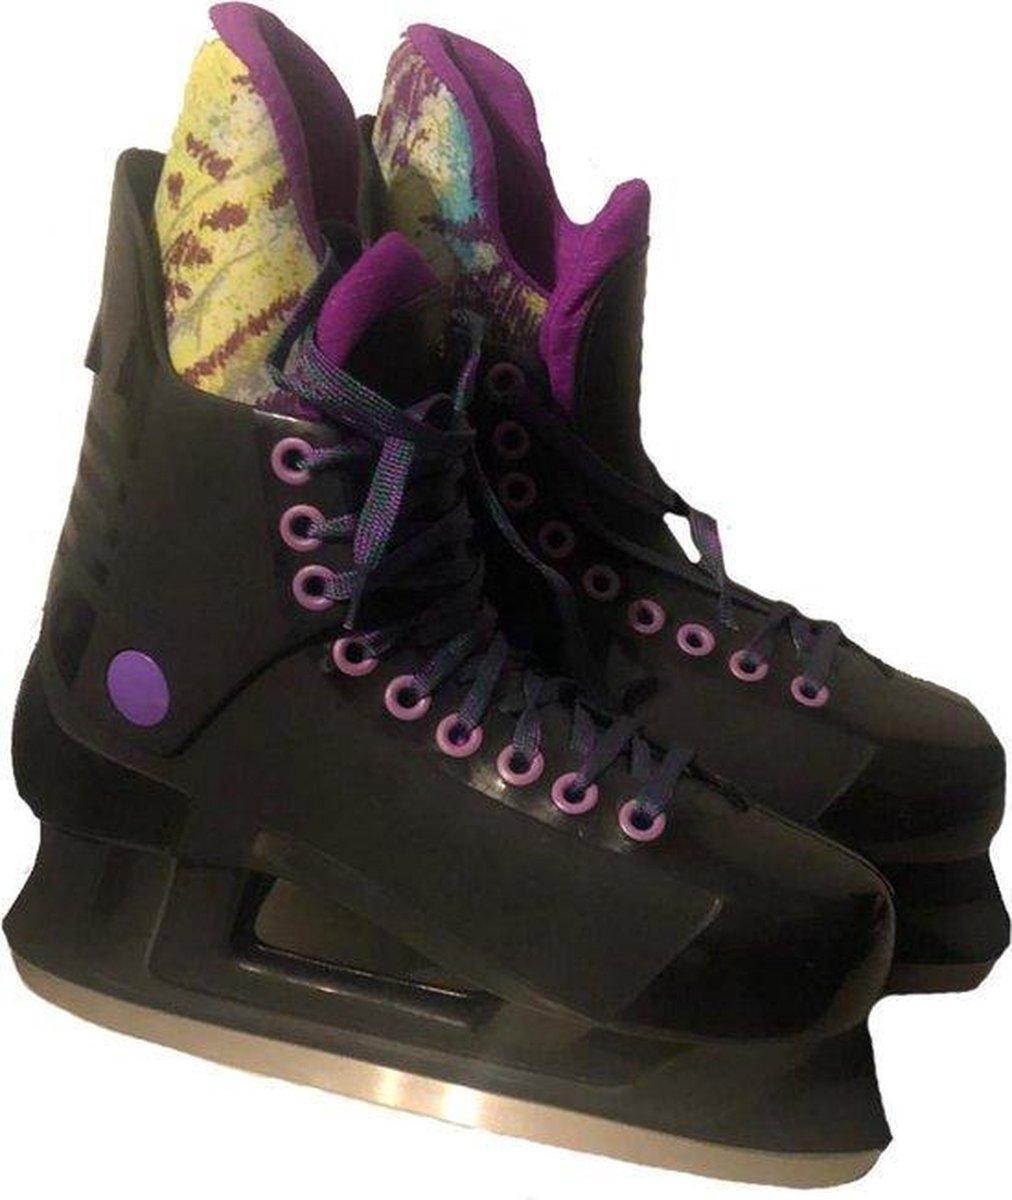 ACRO - IJshockeyschaats Polyester - Schaatsen - ijs schaats - Deluxe - Unisex - ijshockey schaatsen - Maat 43